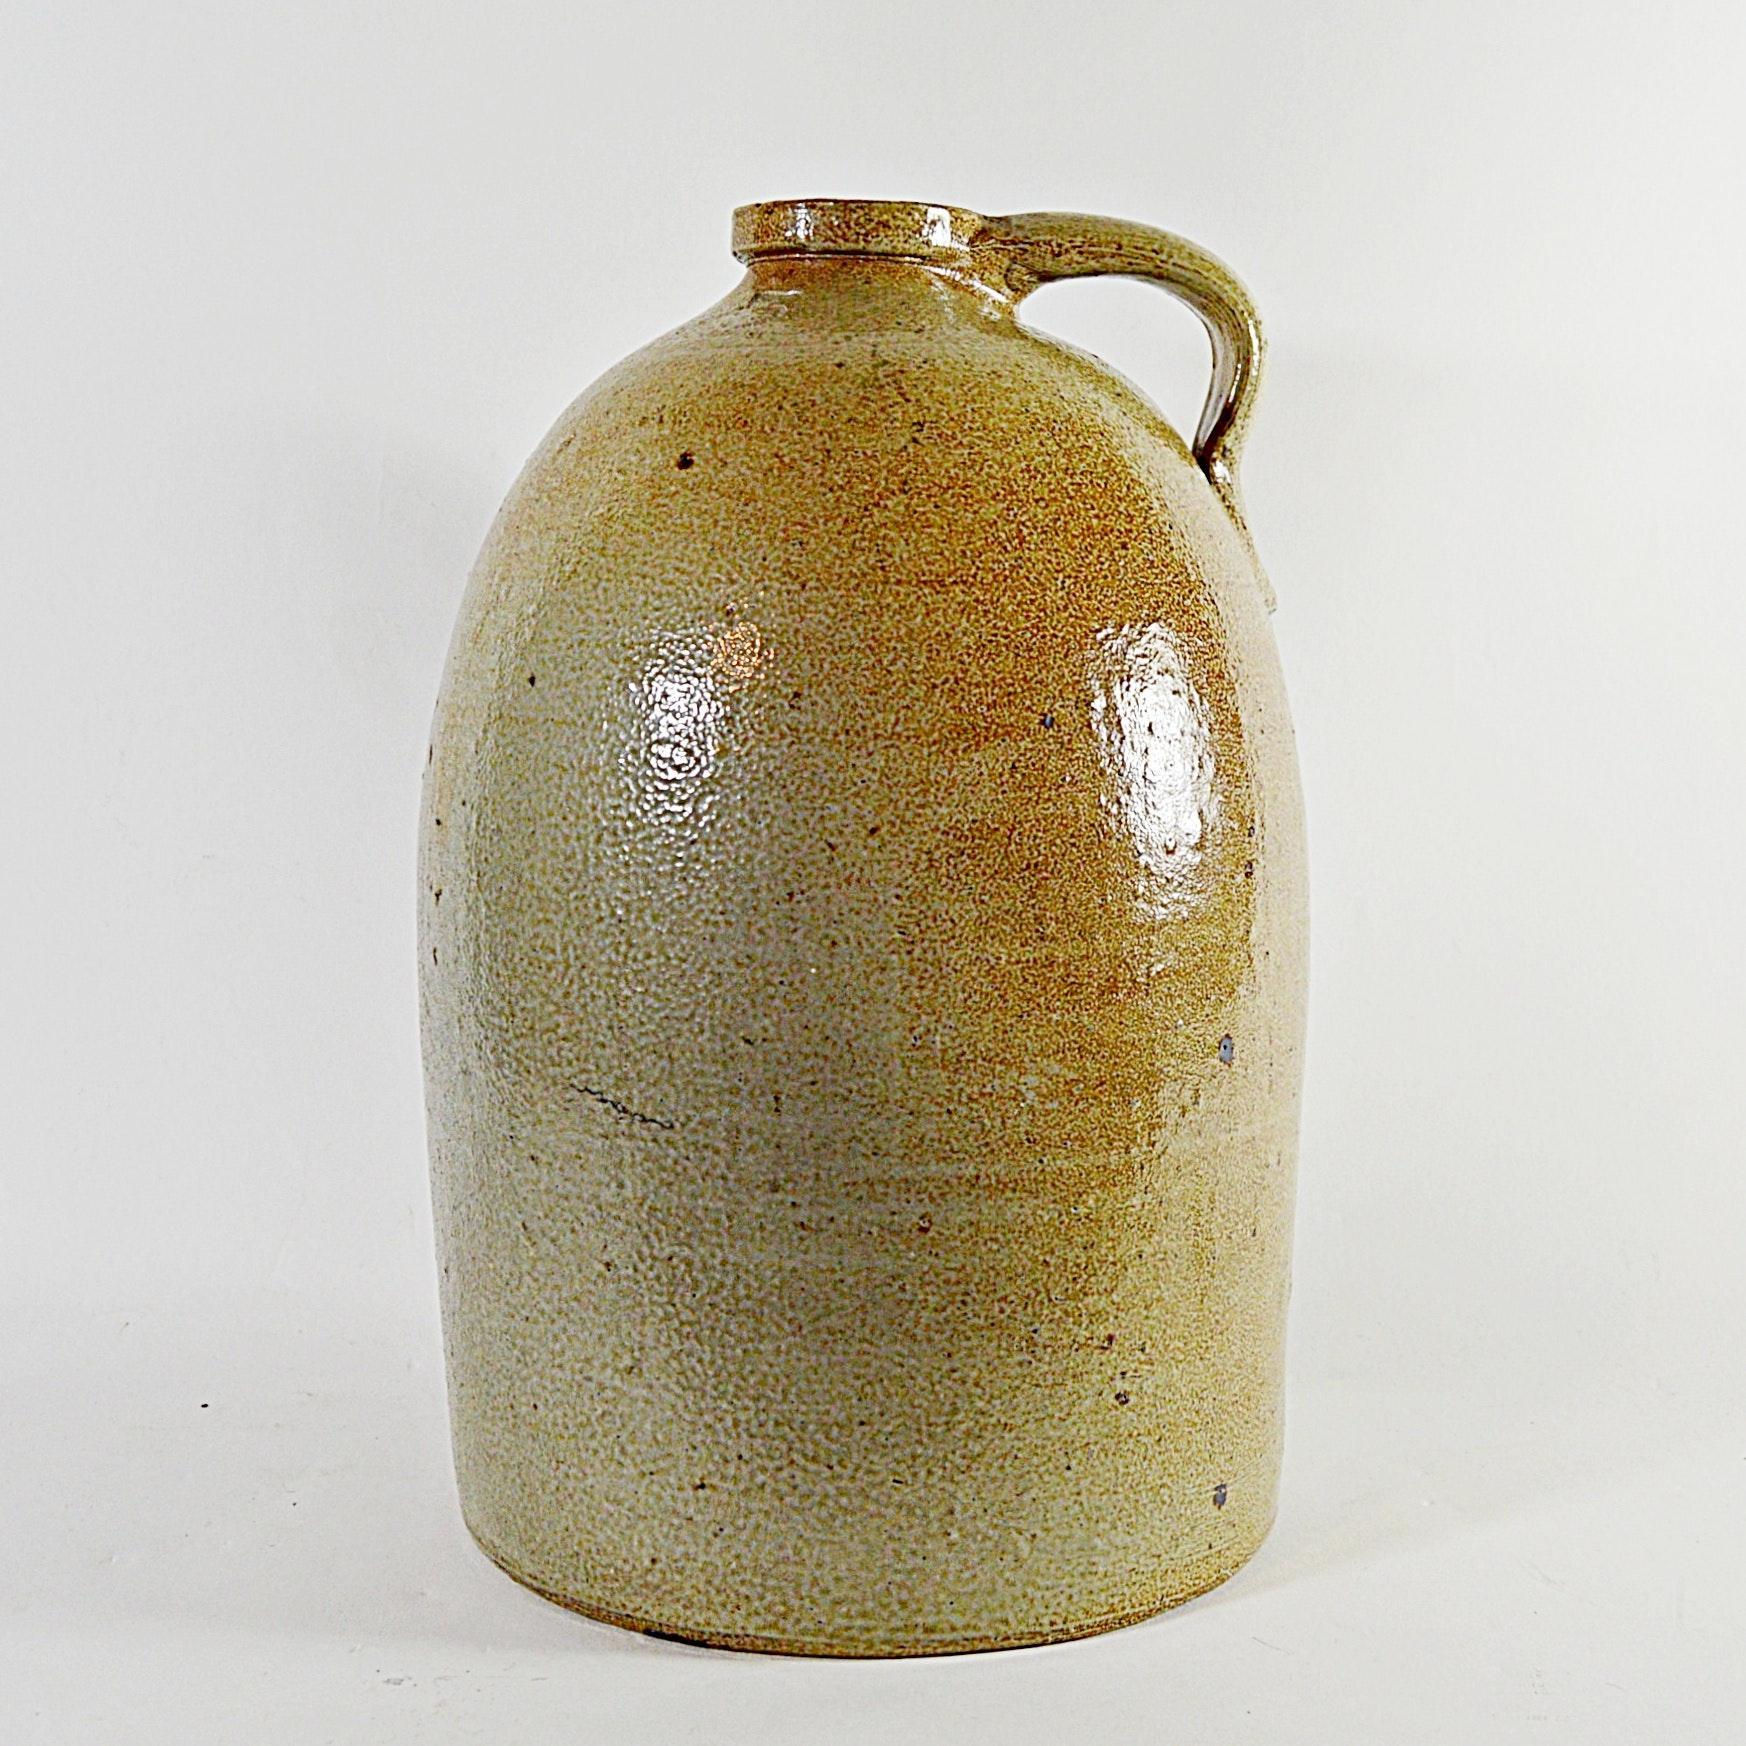 Vintage Three Gallon Salt Glazed Stoneware Jug